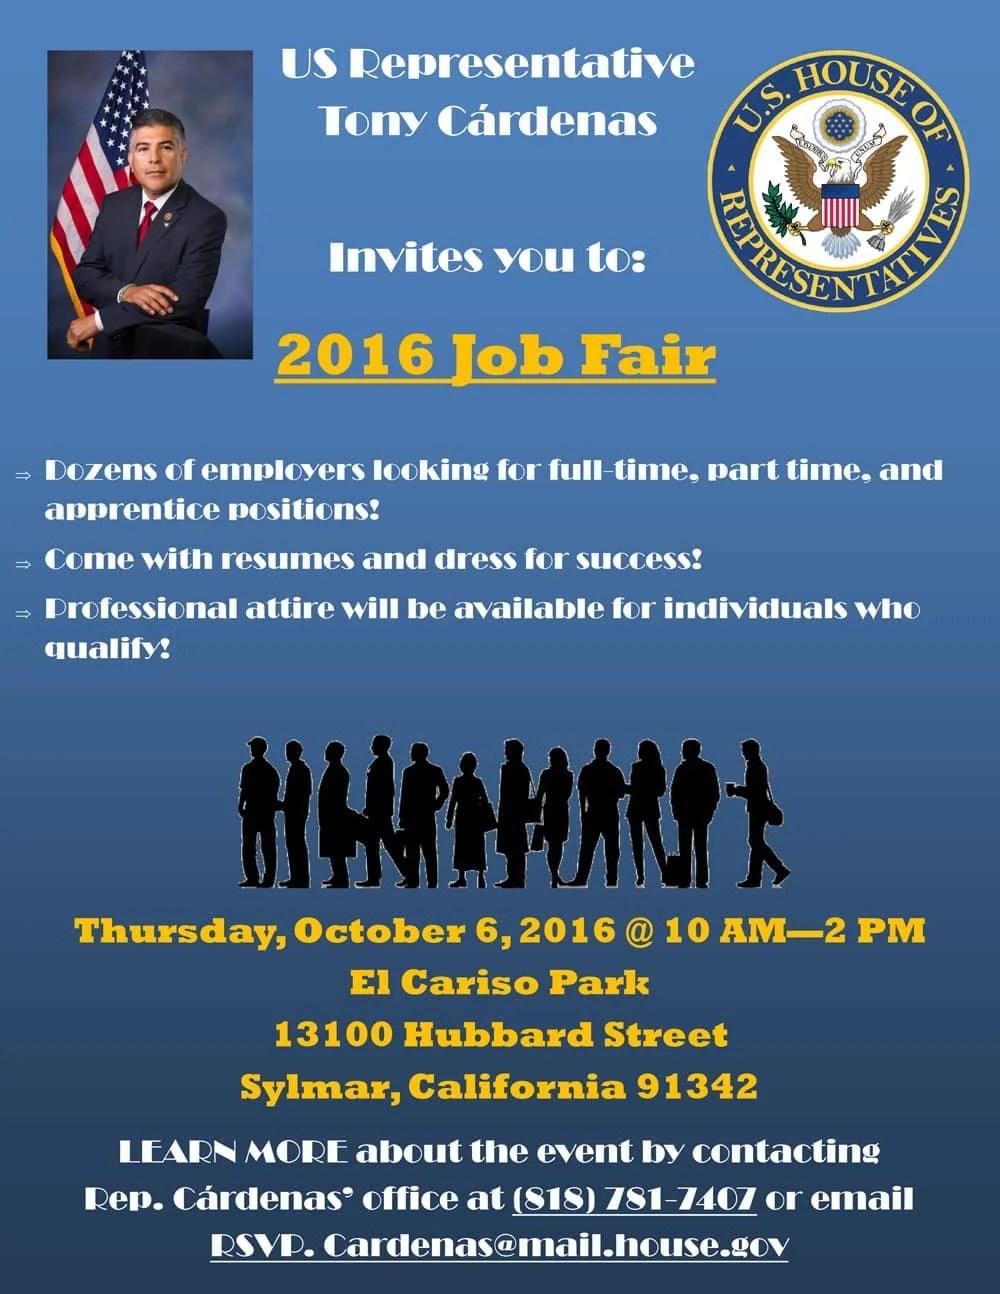 2016 Job Fair